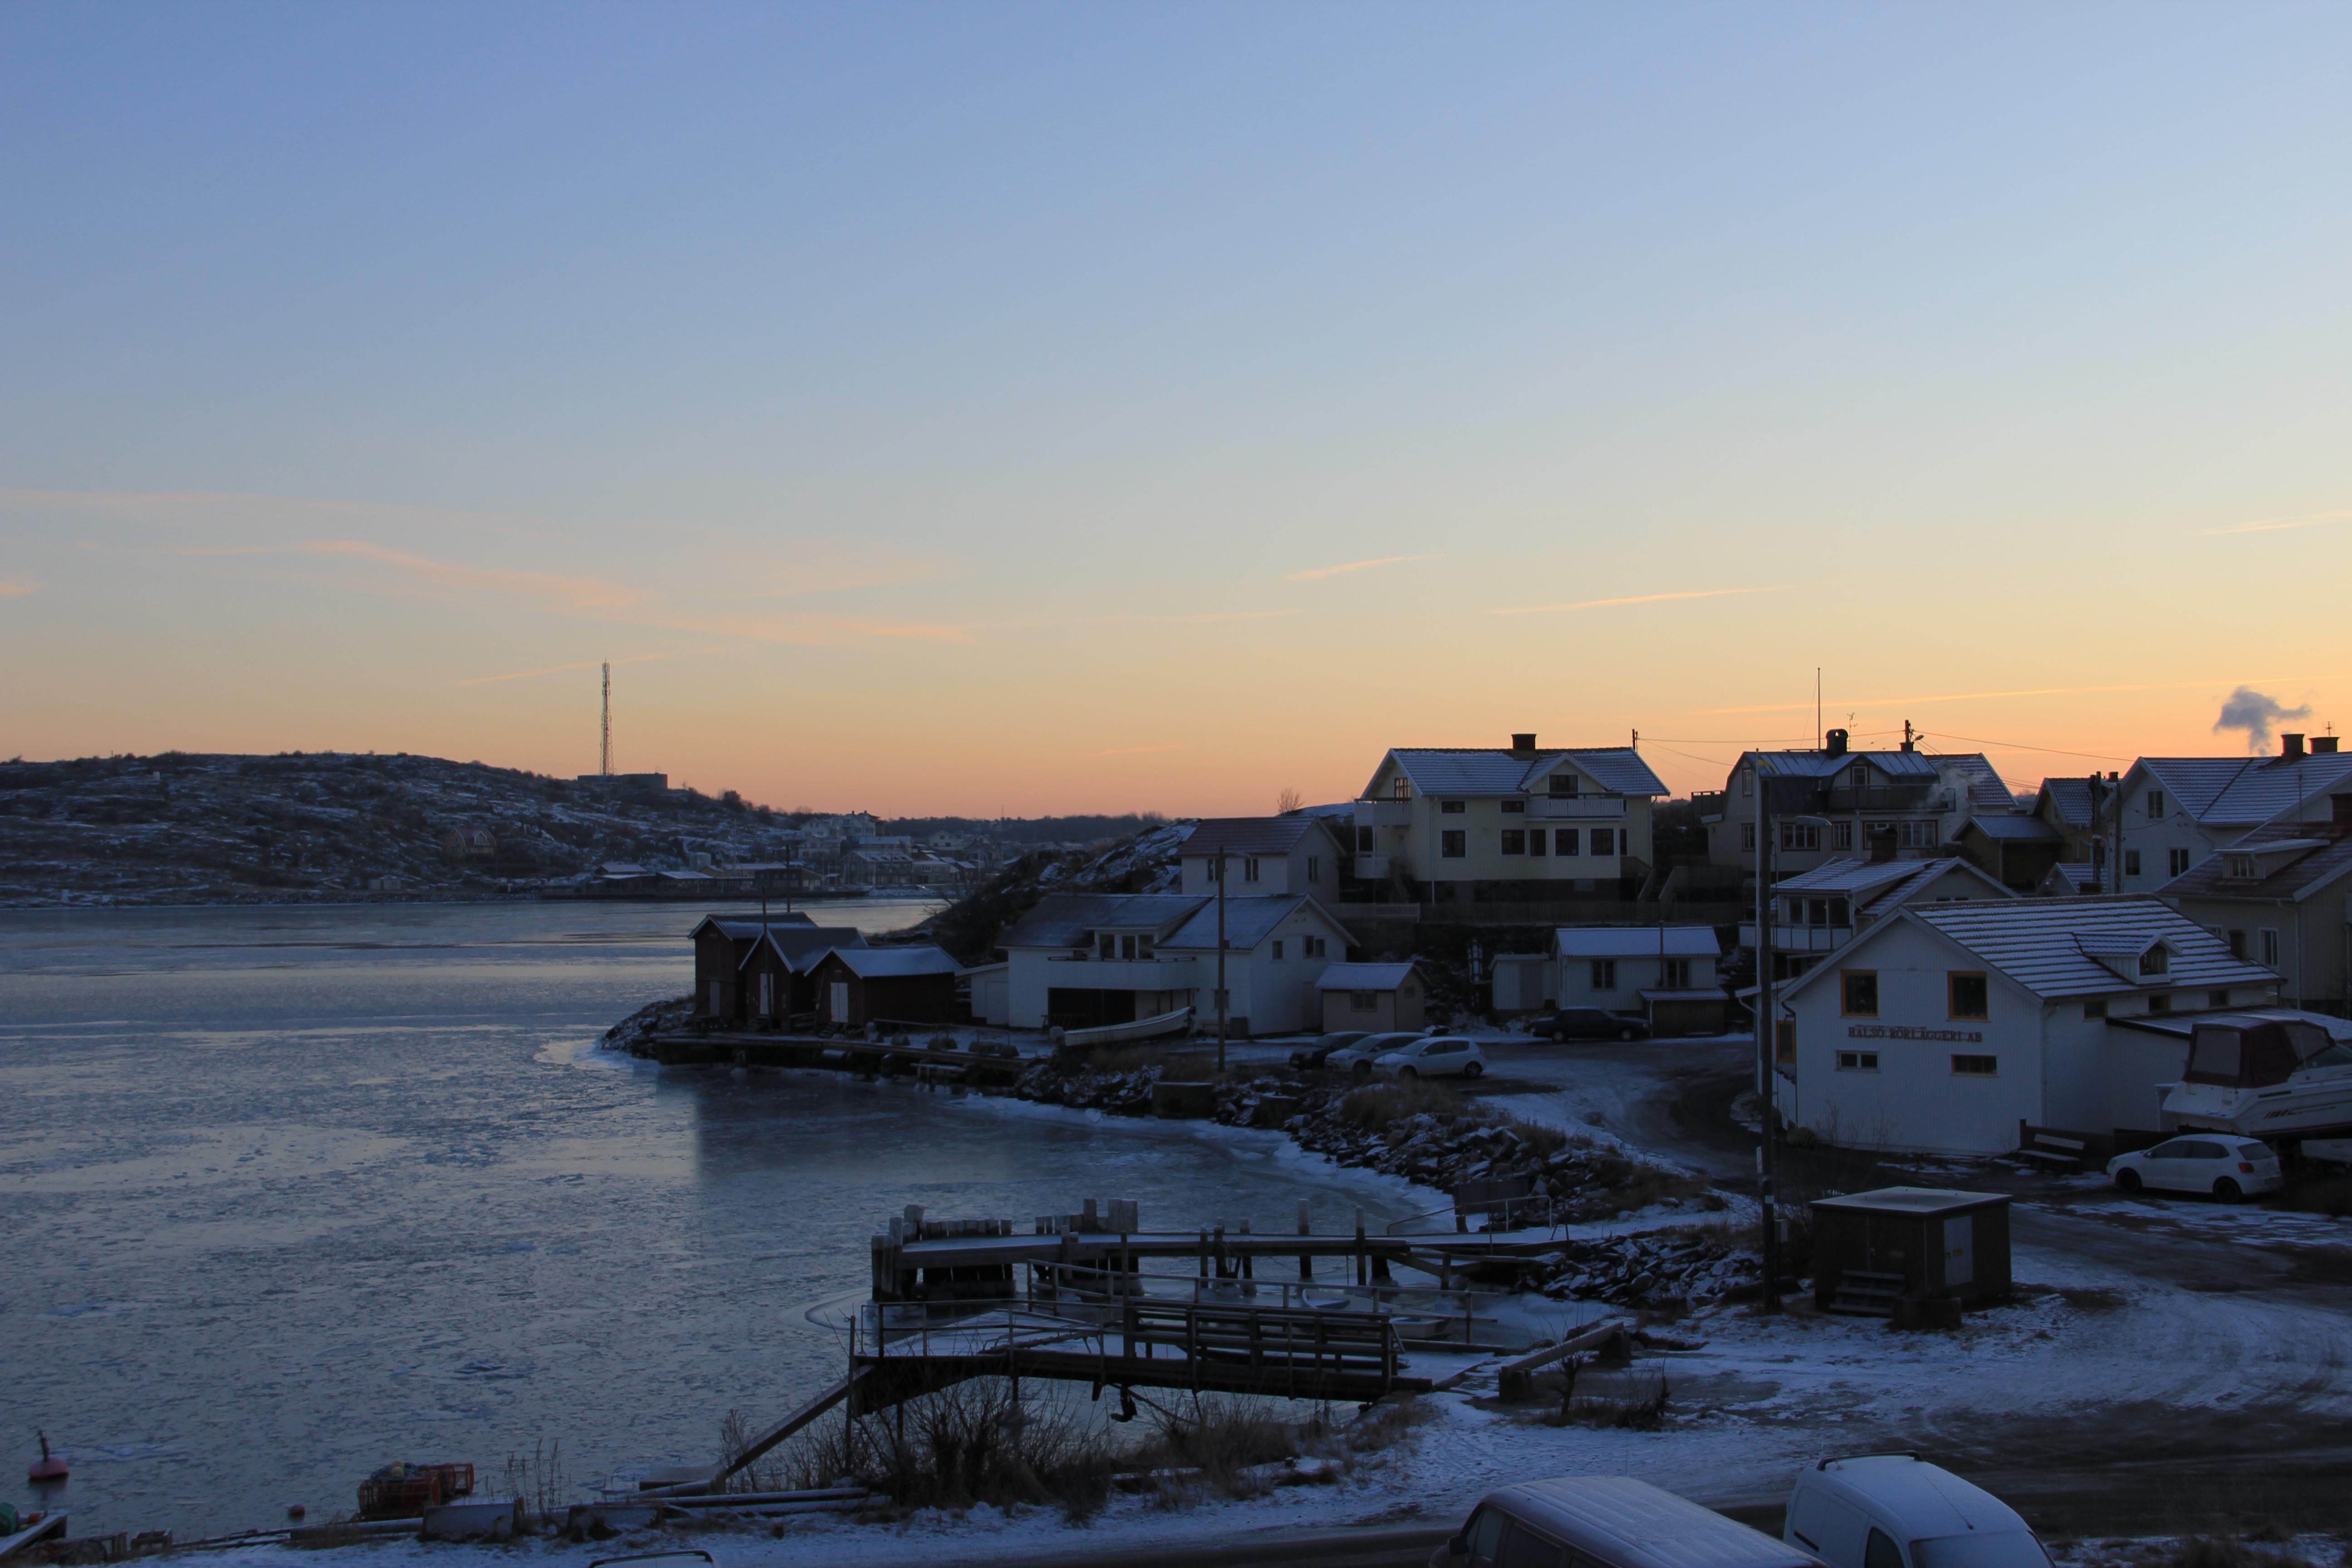 Vinter_hono_5_elsapahalso.se